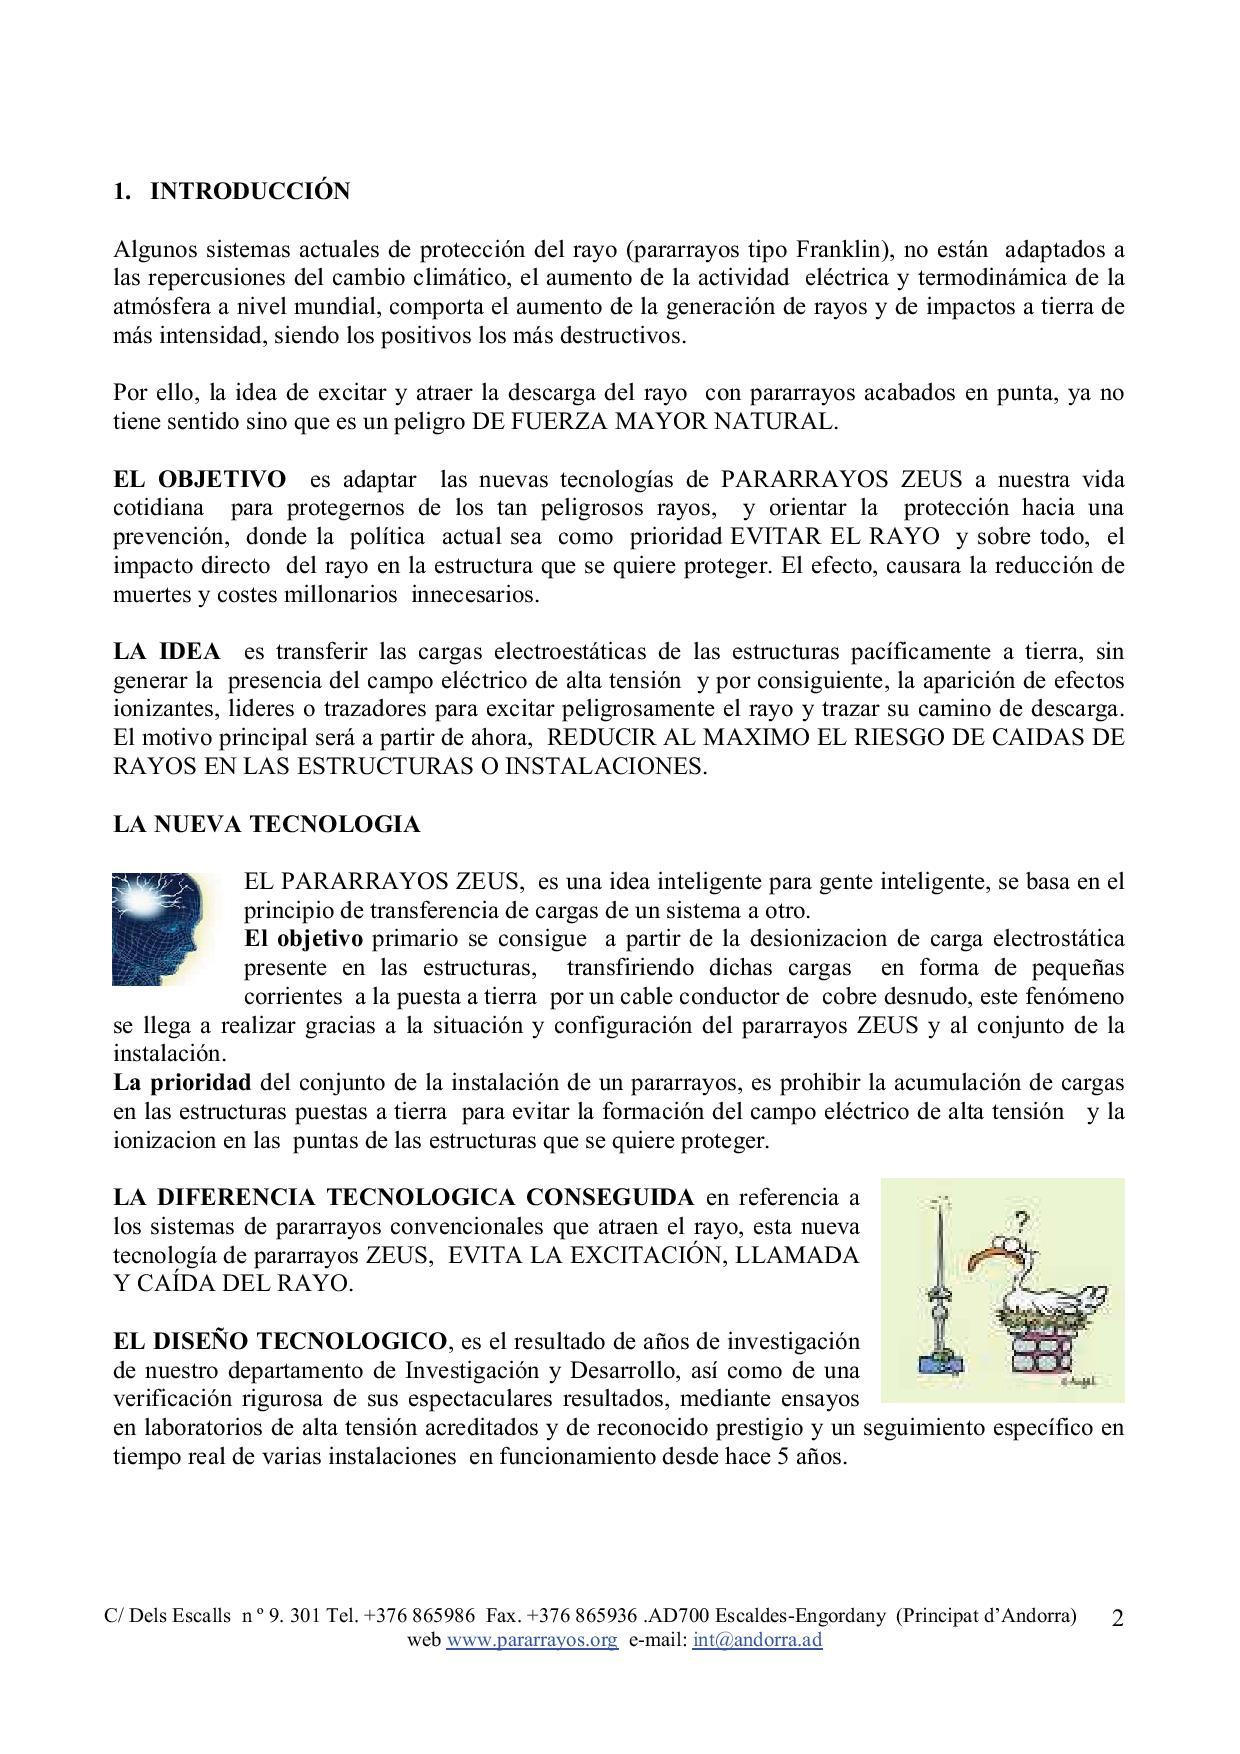 Manual de usuario de pararrayos